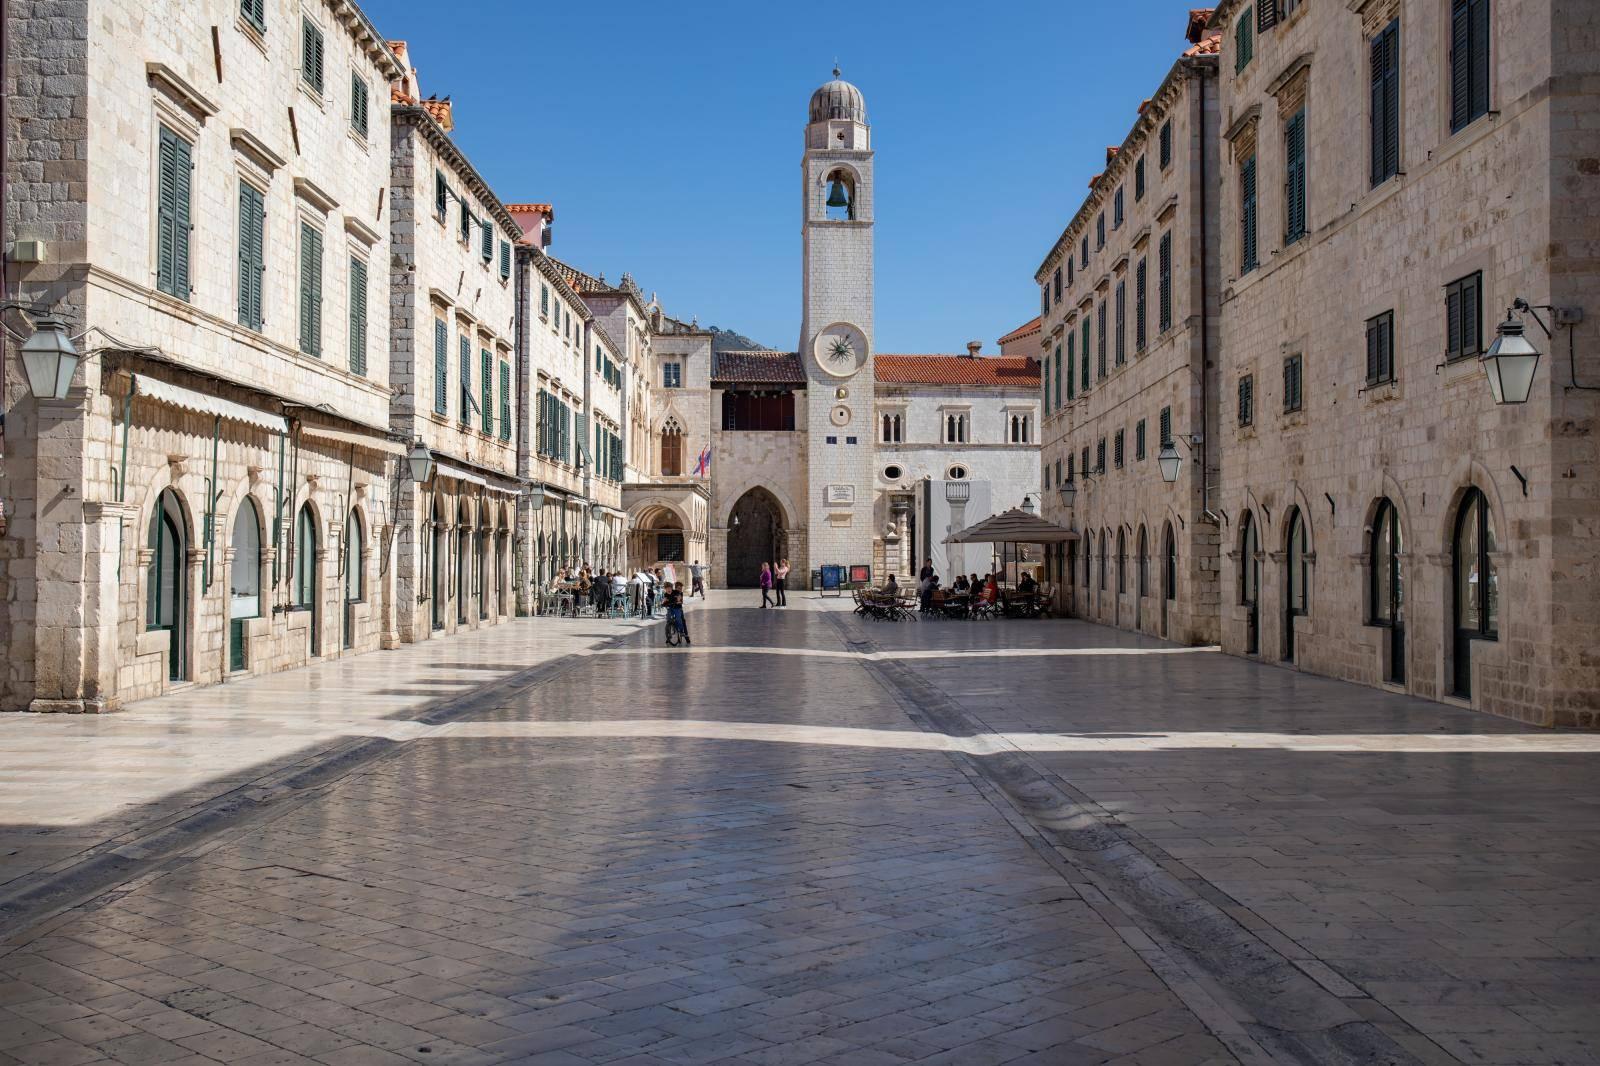 Uklonjen spomenik braniteljima Dubrovnika: 'Nisu me ni zvali'